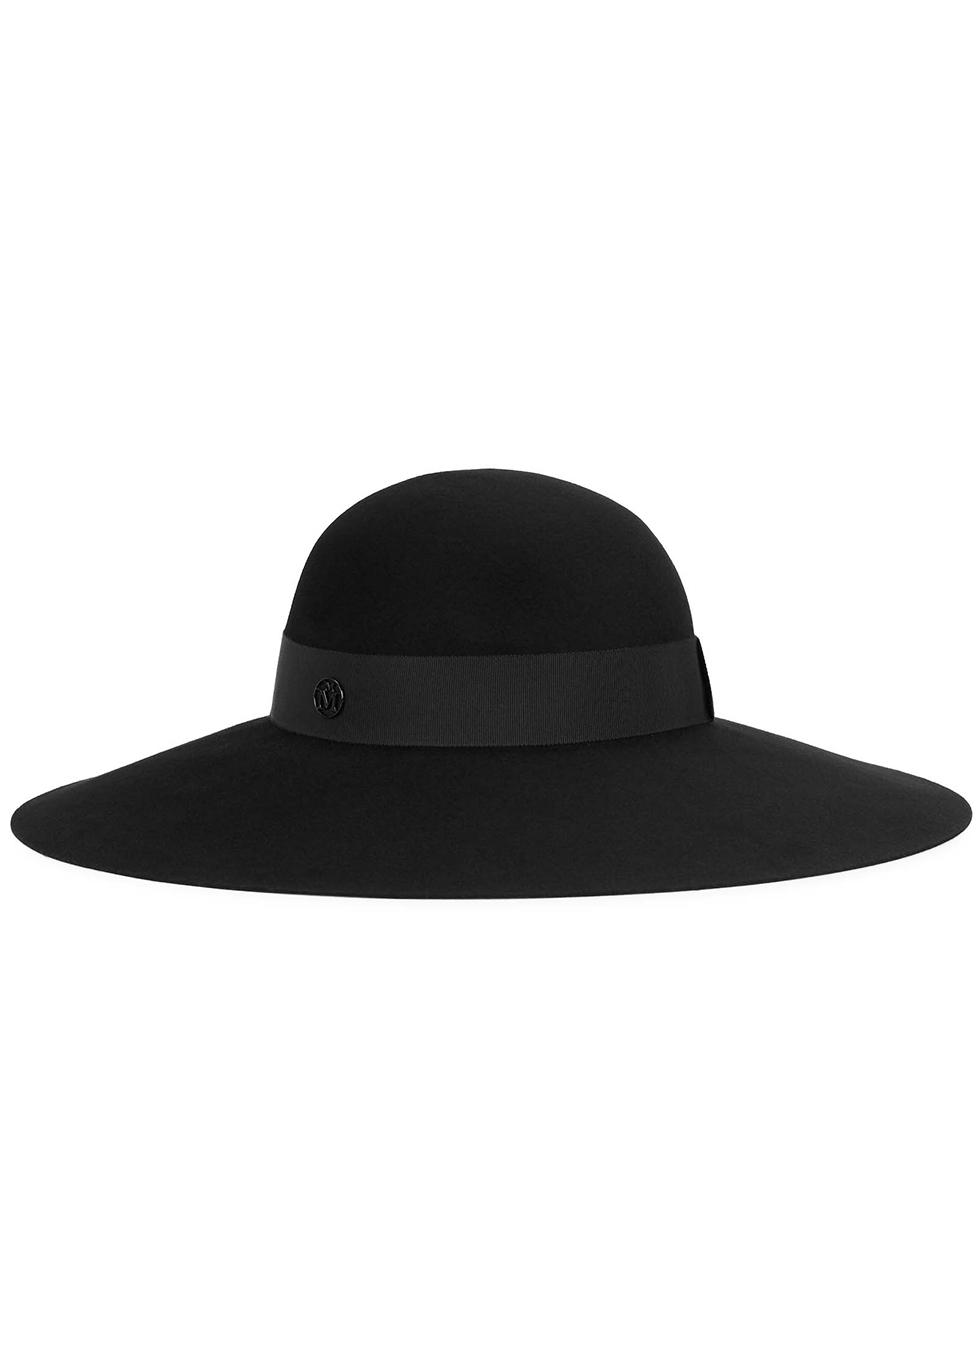 Blanche black felt wide-brim hat